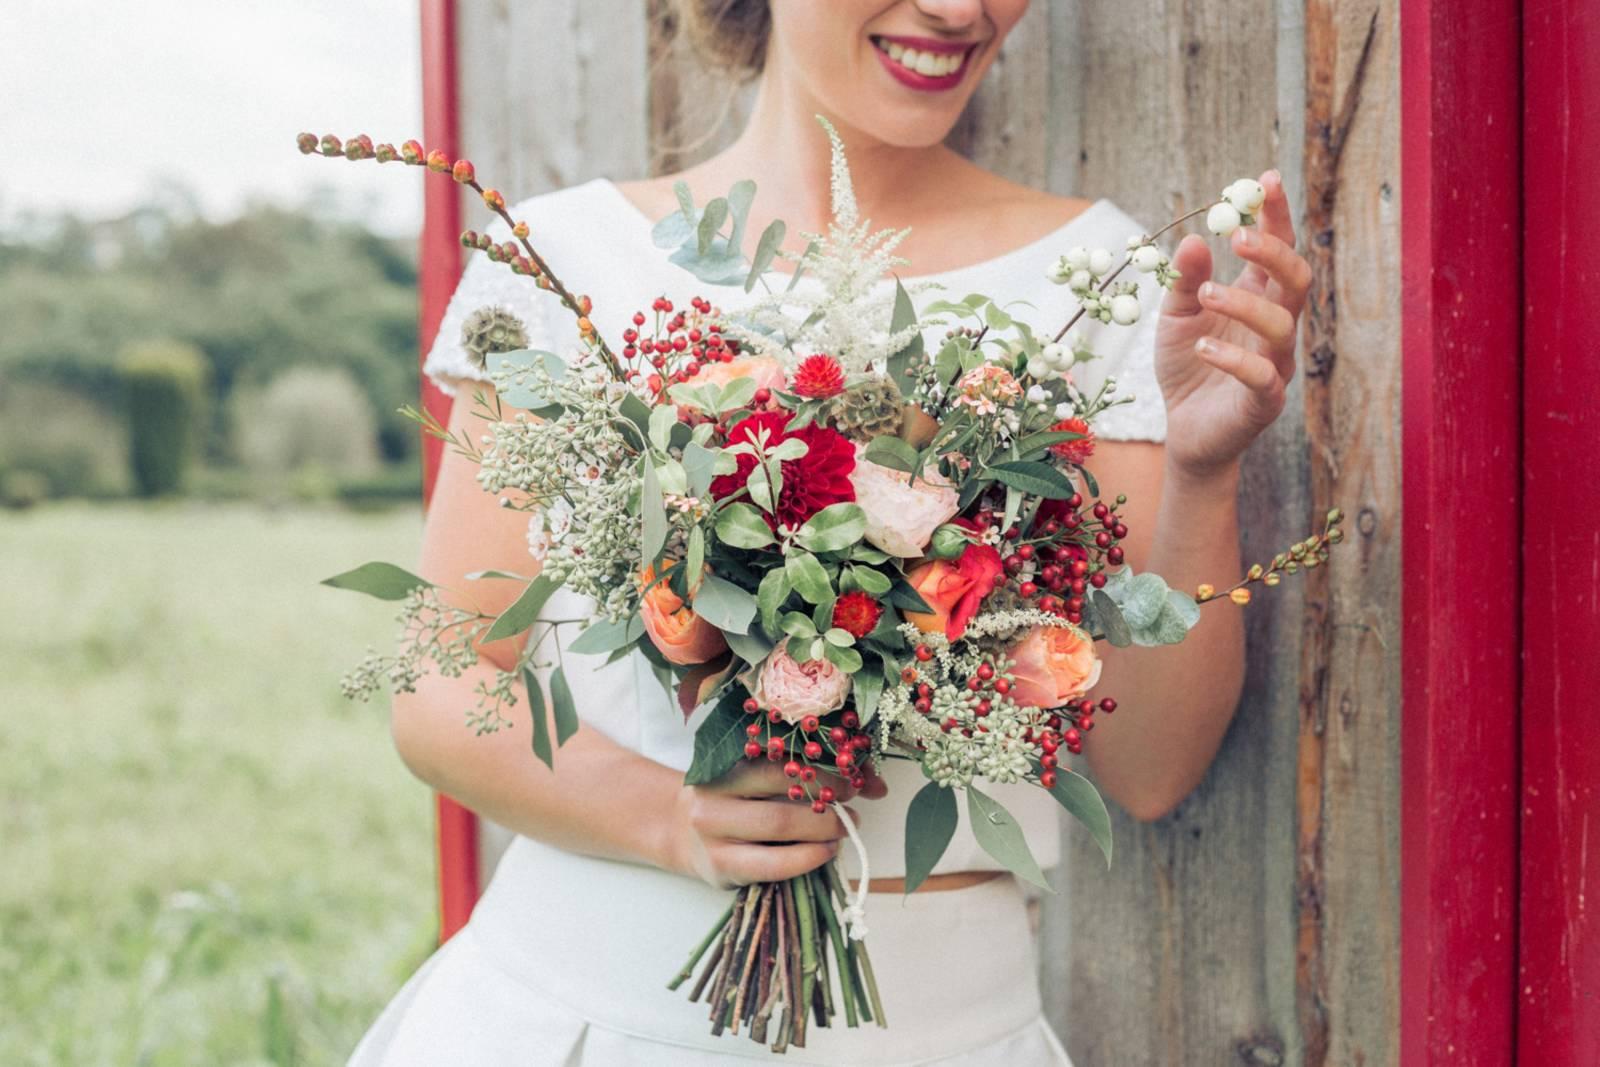 House of Weddings Charline Verbeken Trouwjurk Bruidsjurk Couture Trouwkleed Trouwen Huwelijk Mariage  (24)